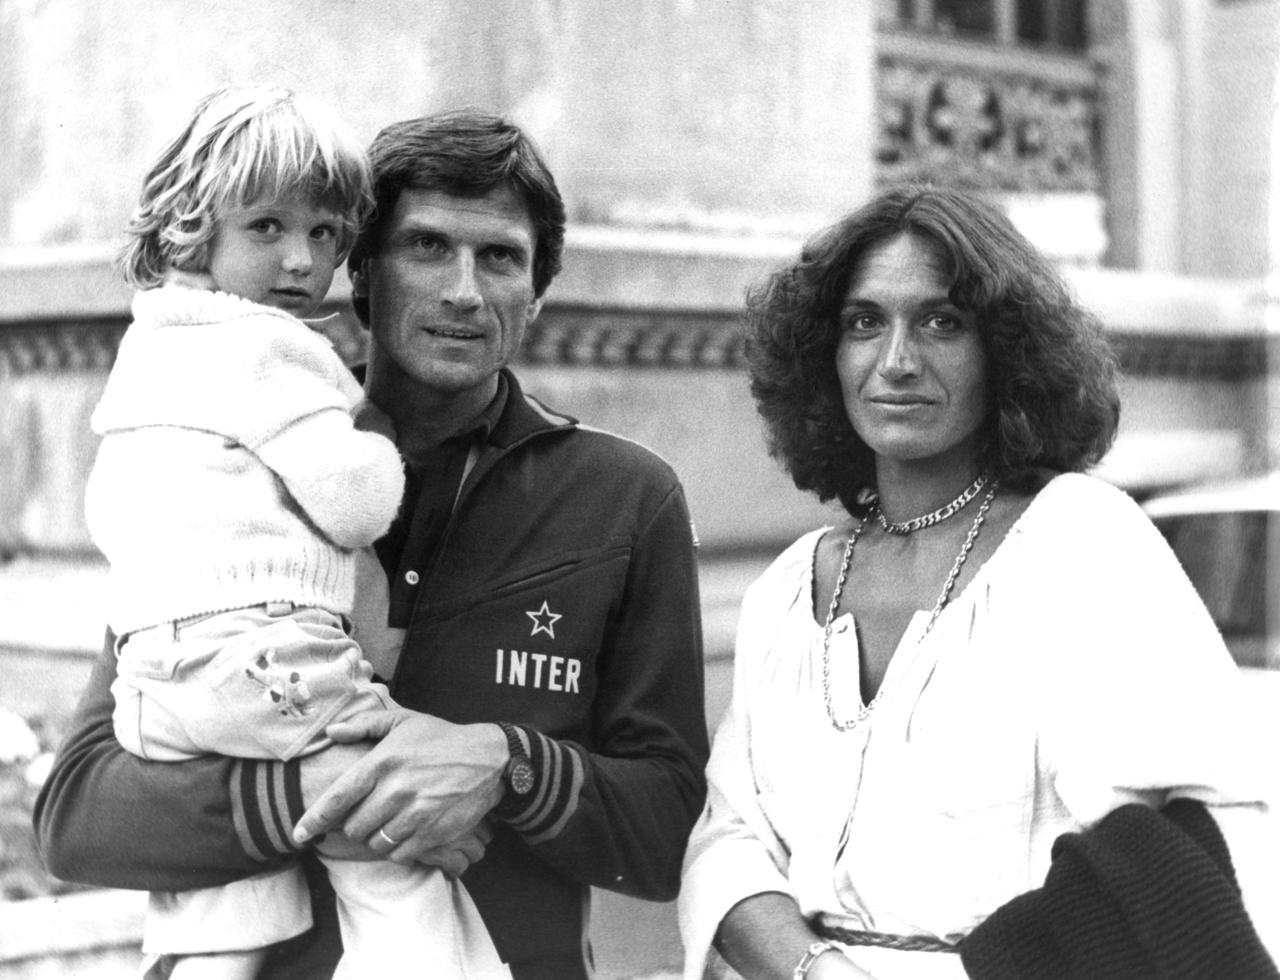 Giacinto Facchetti il campione e le medaglie rubate Corriere